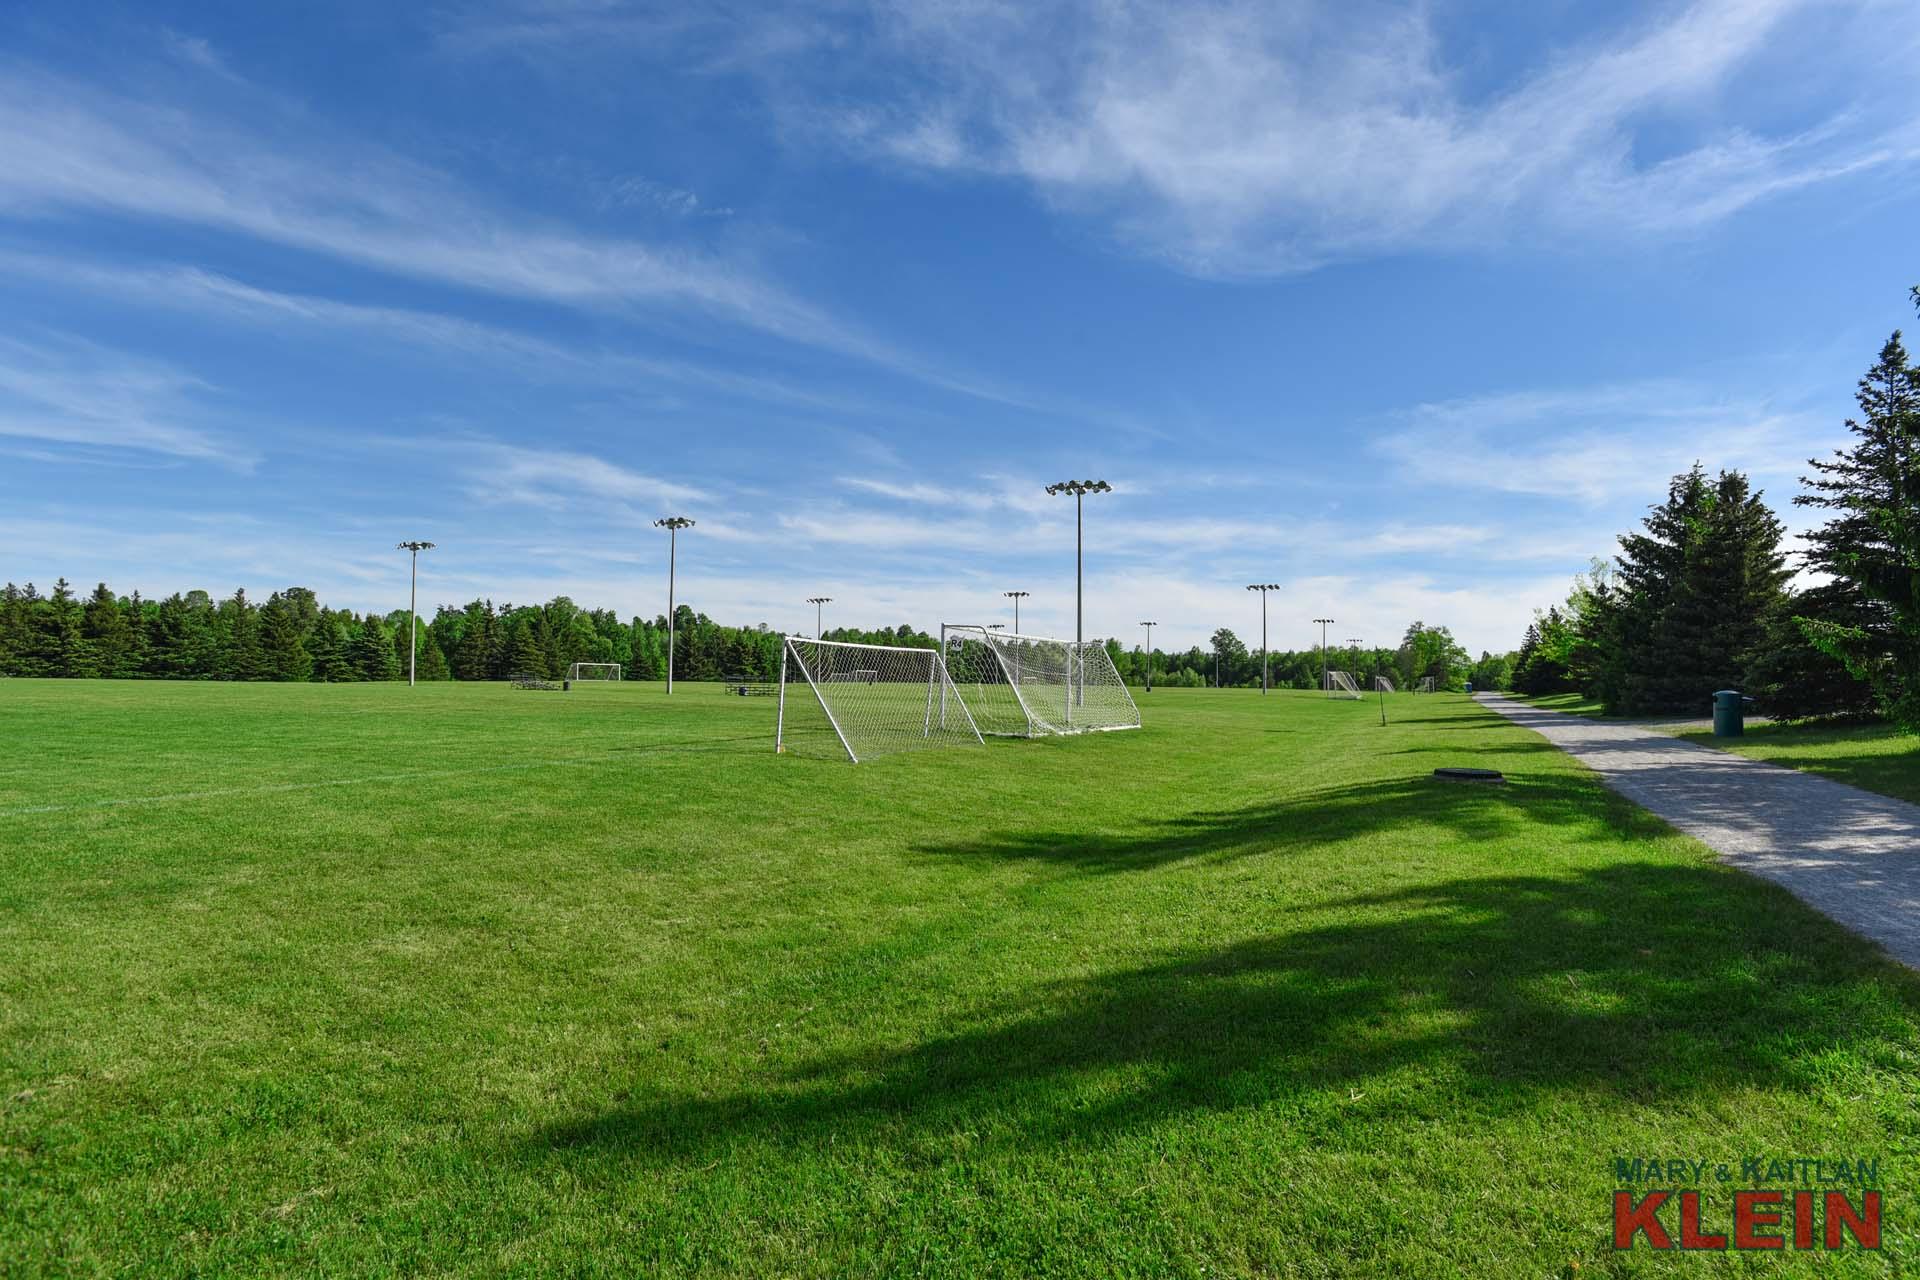 Nearby soccer fields, Caledon East